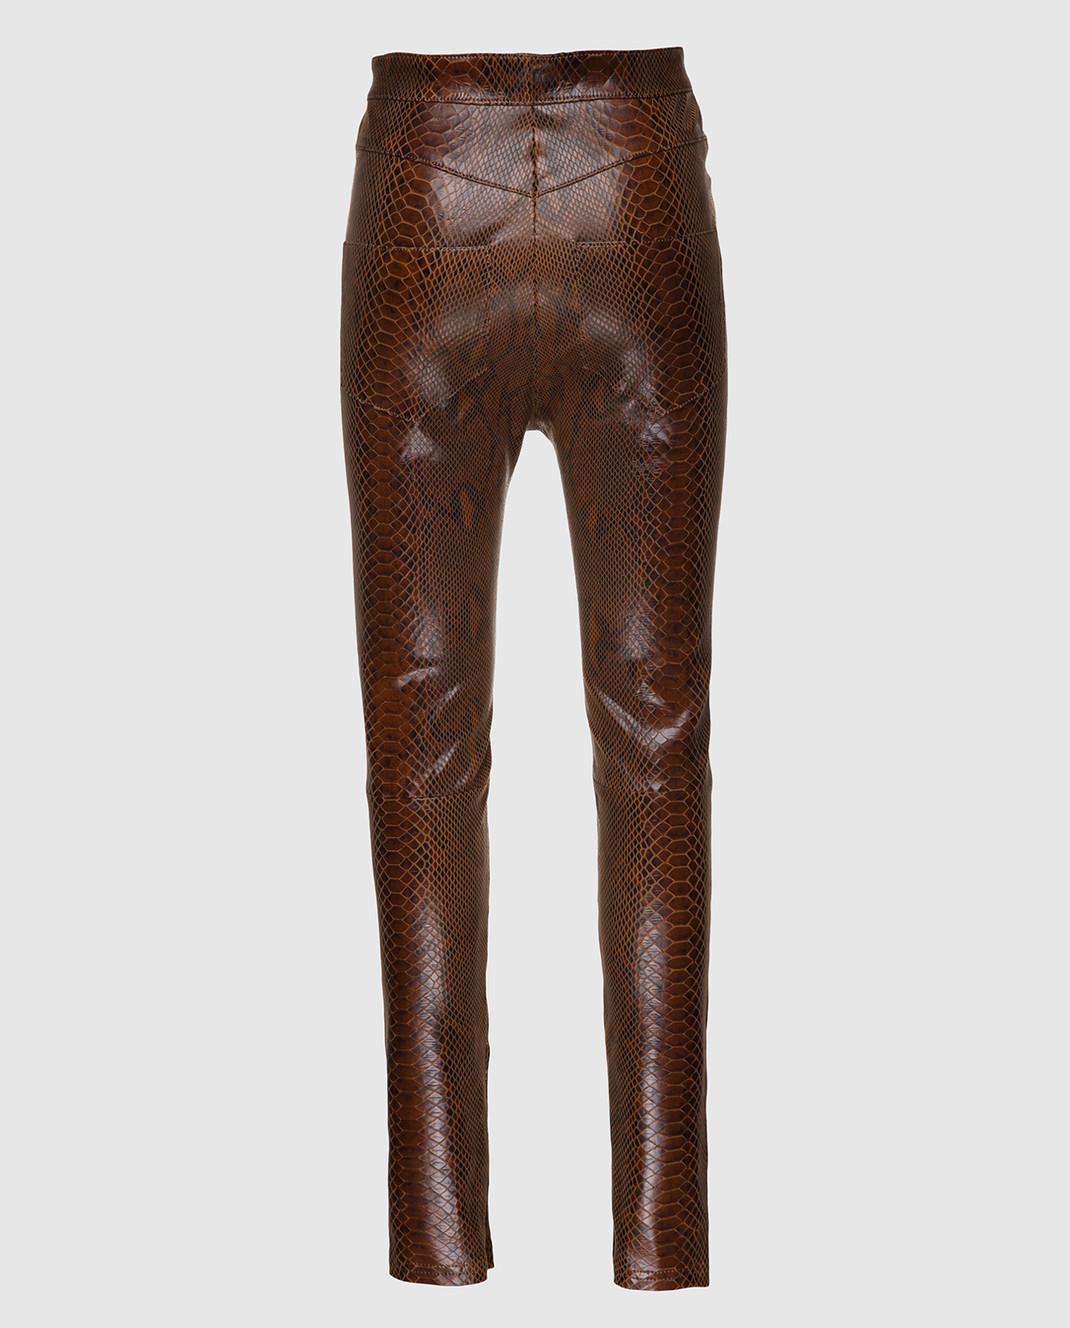 Balmain Коричневые кожаные брюки 115500 изображение 2